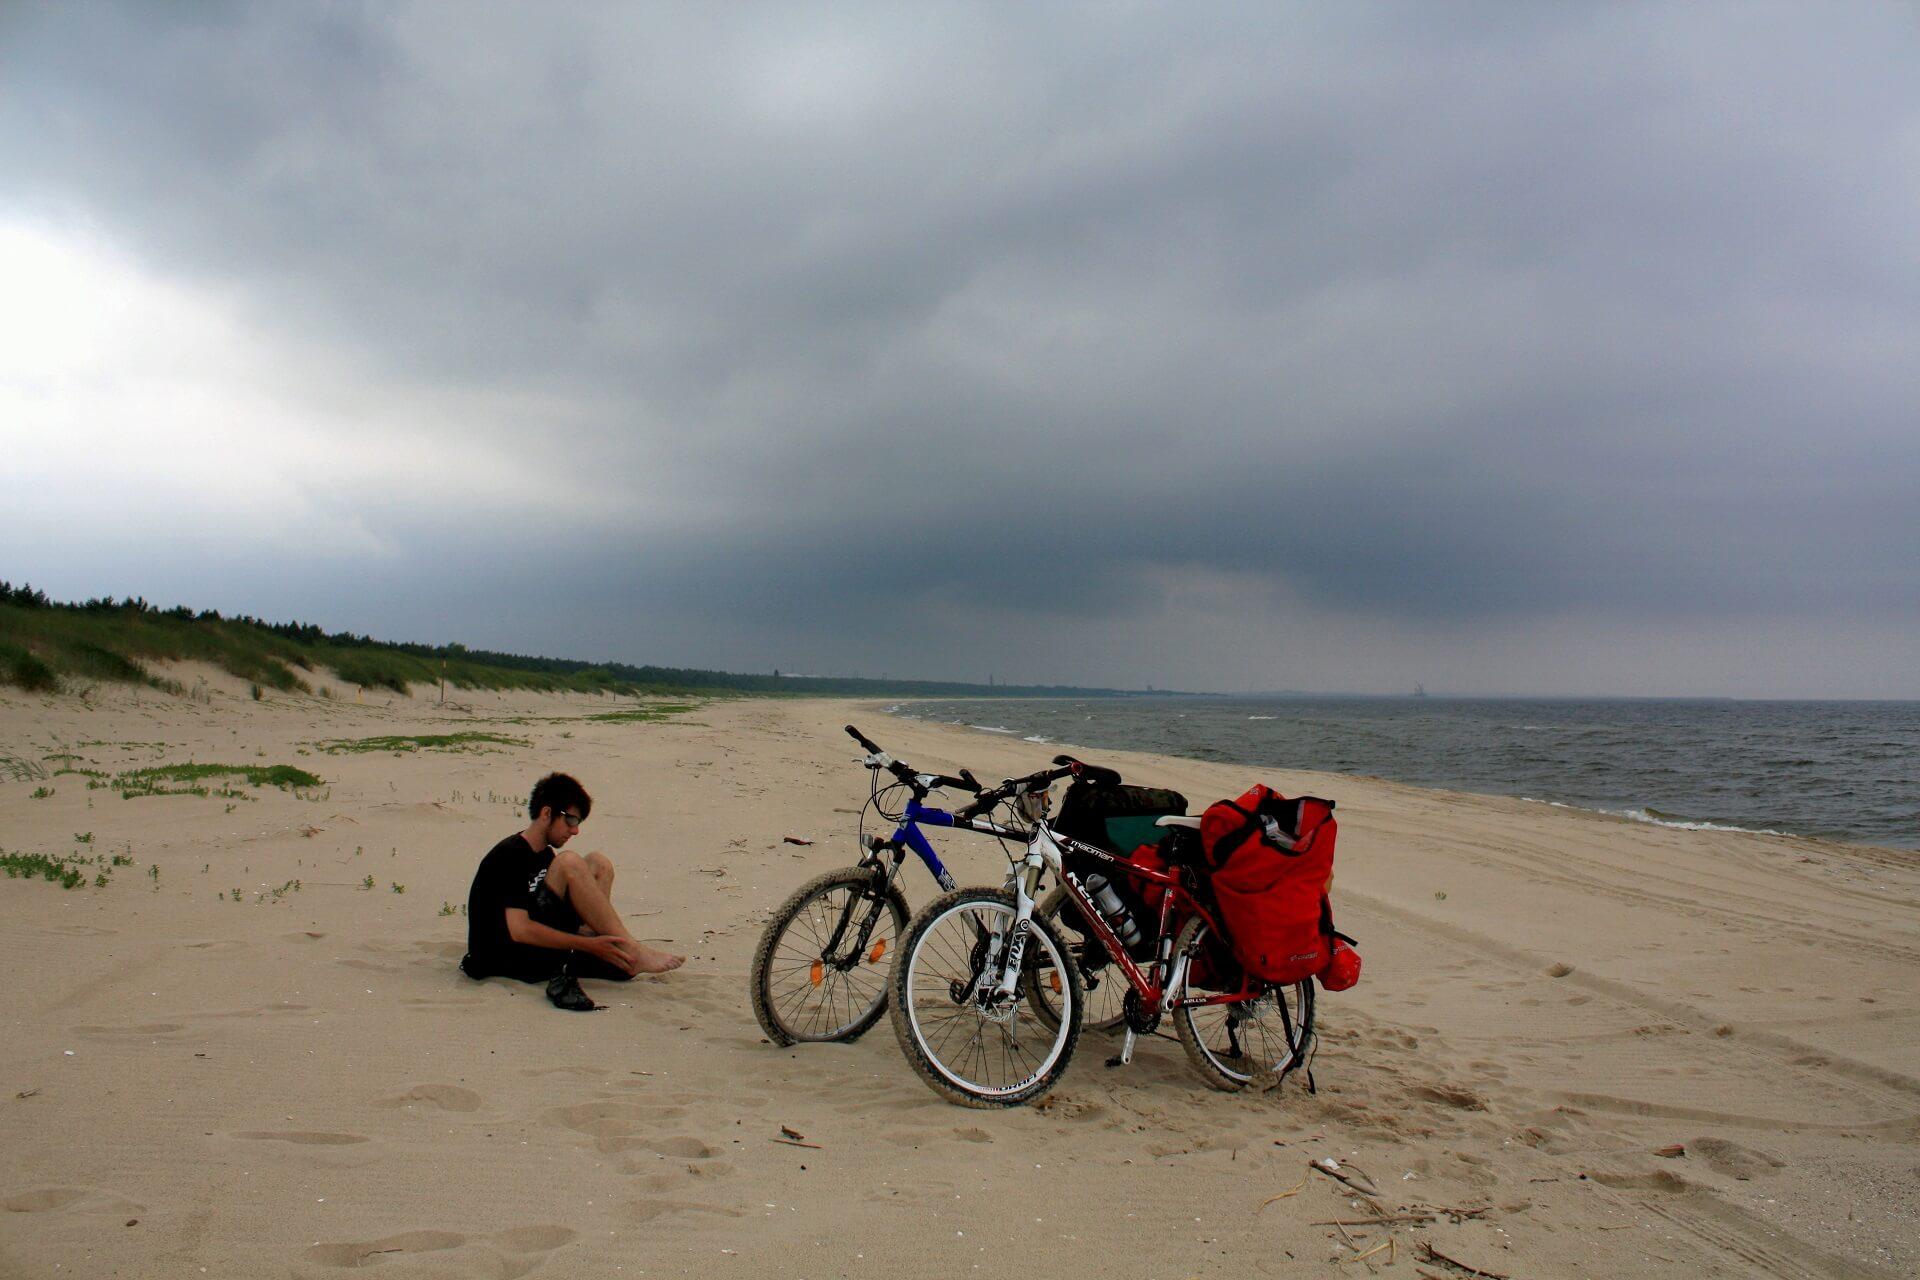 Rowerem wzdłuż wybrzeża - plaża na wyspie wolin